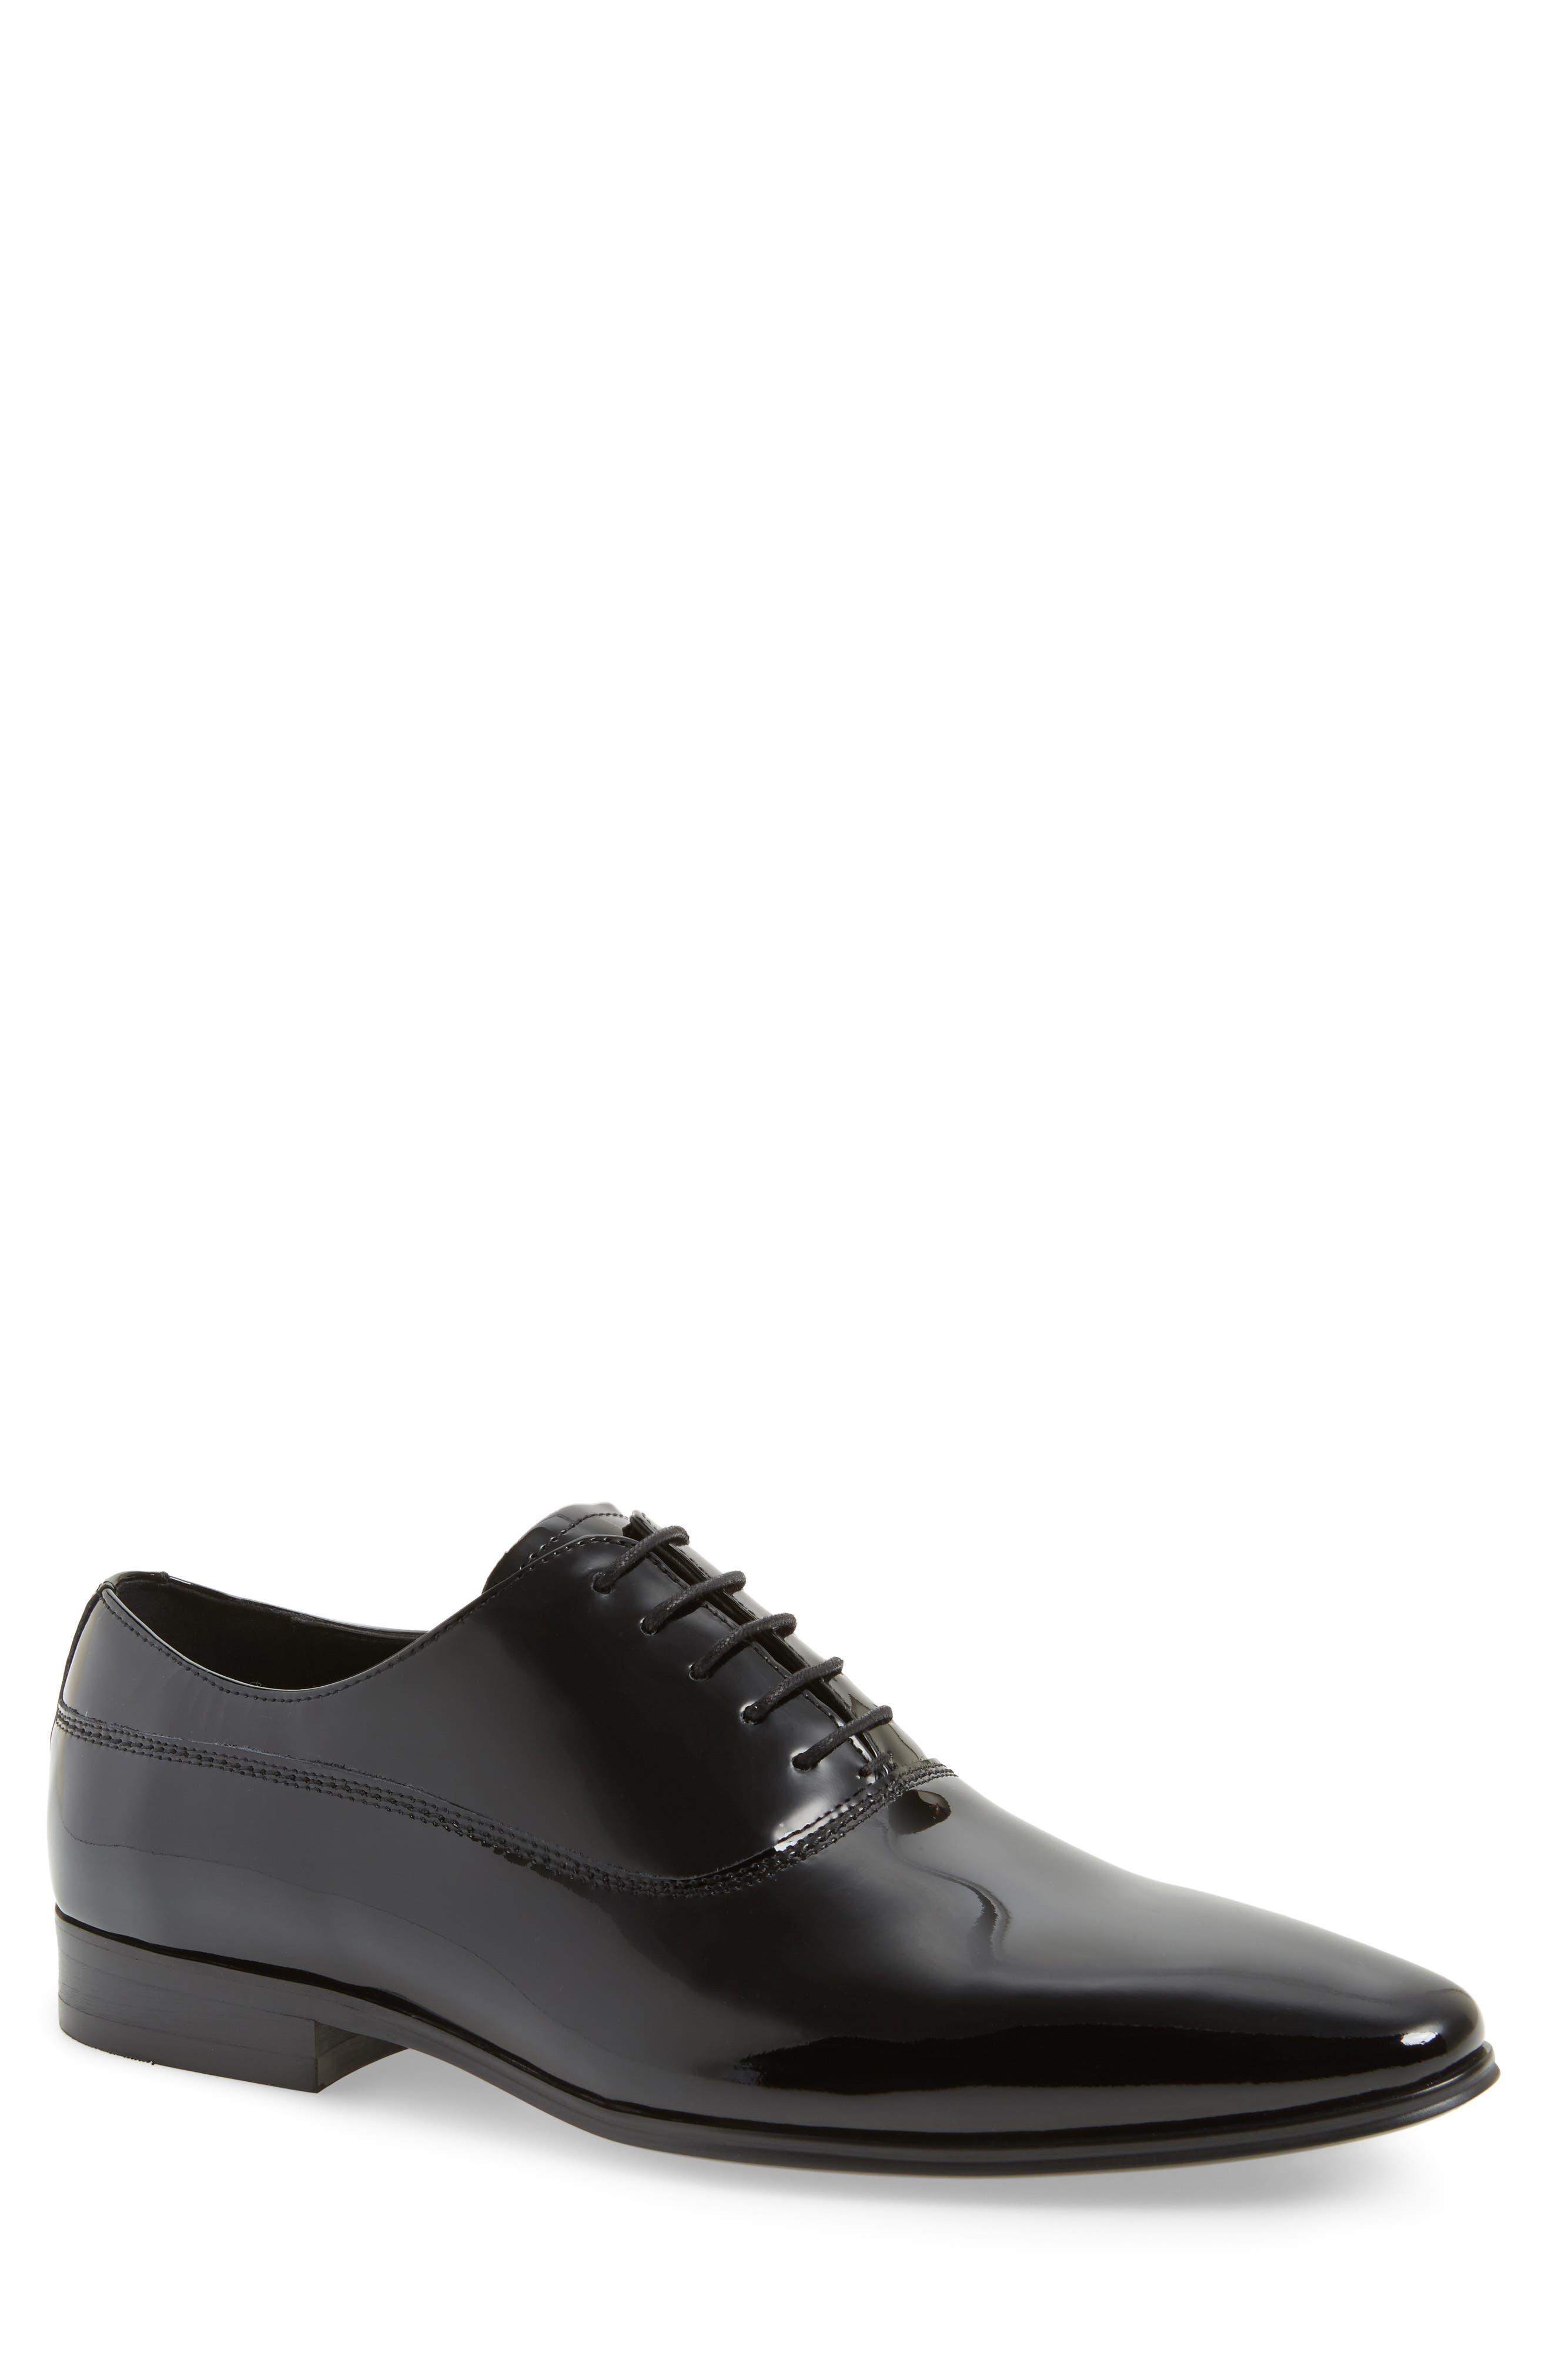 Mens size 7 black dress shoes clip